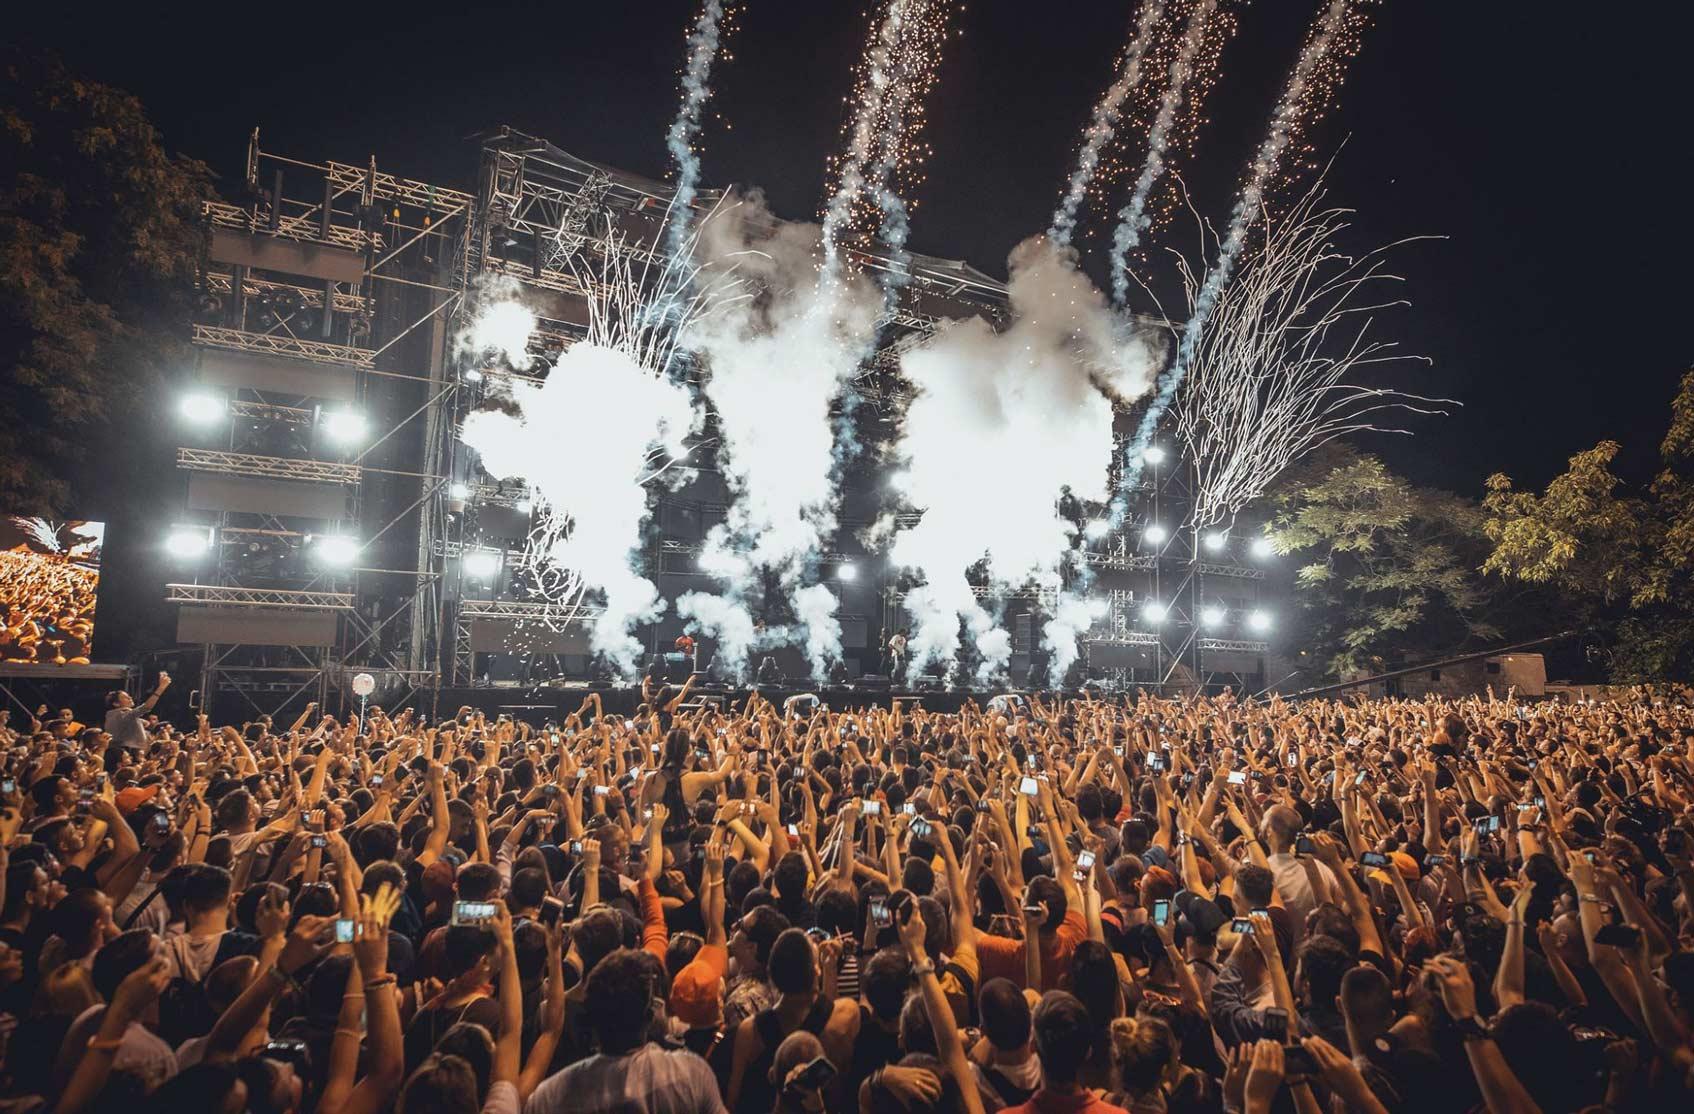 фестиваль EXIT цена билета